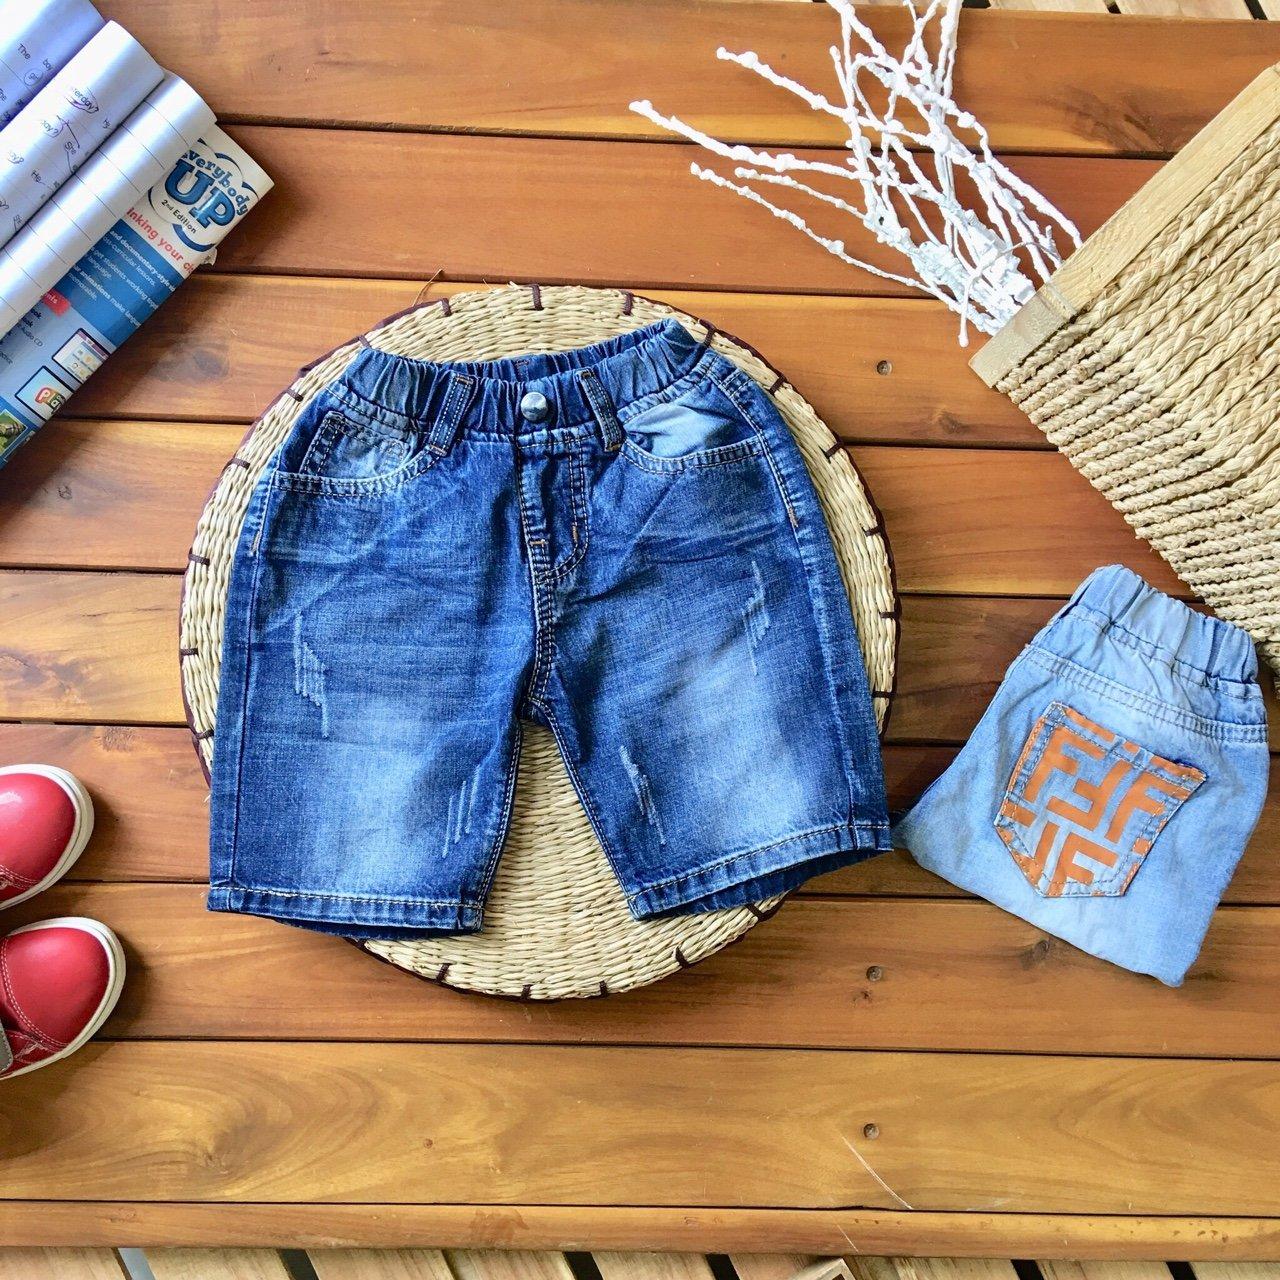 xưởng may DOSI may quần jean trẻ em tại TPHCM